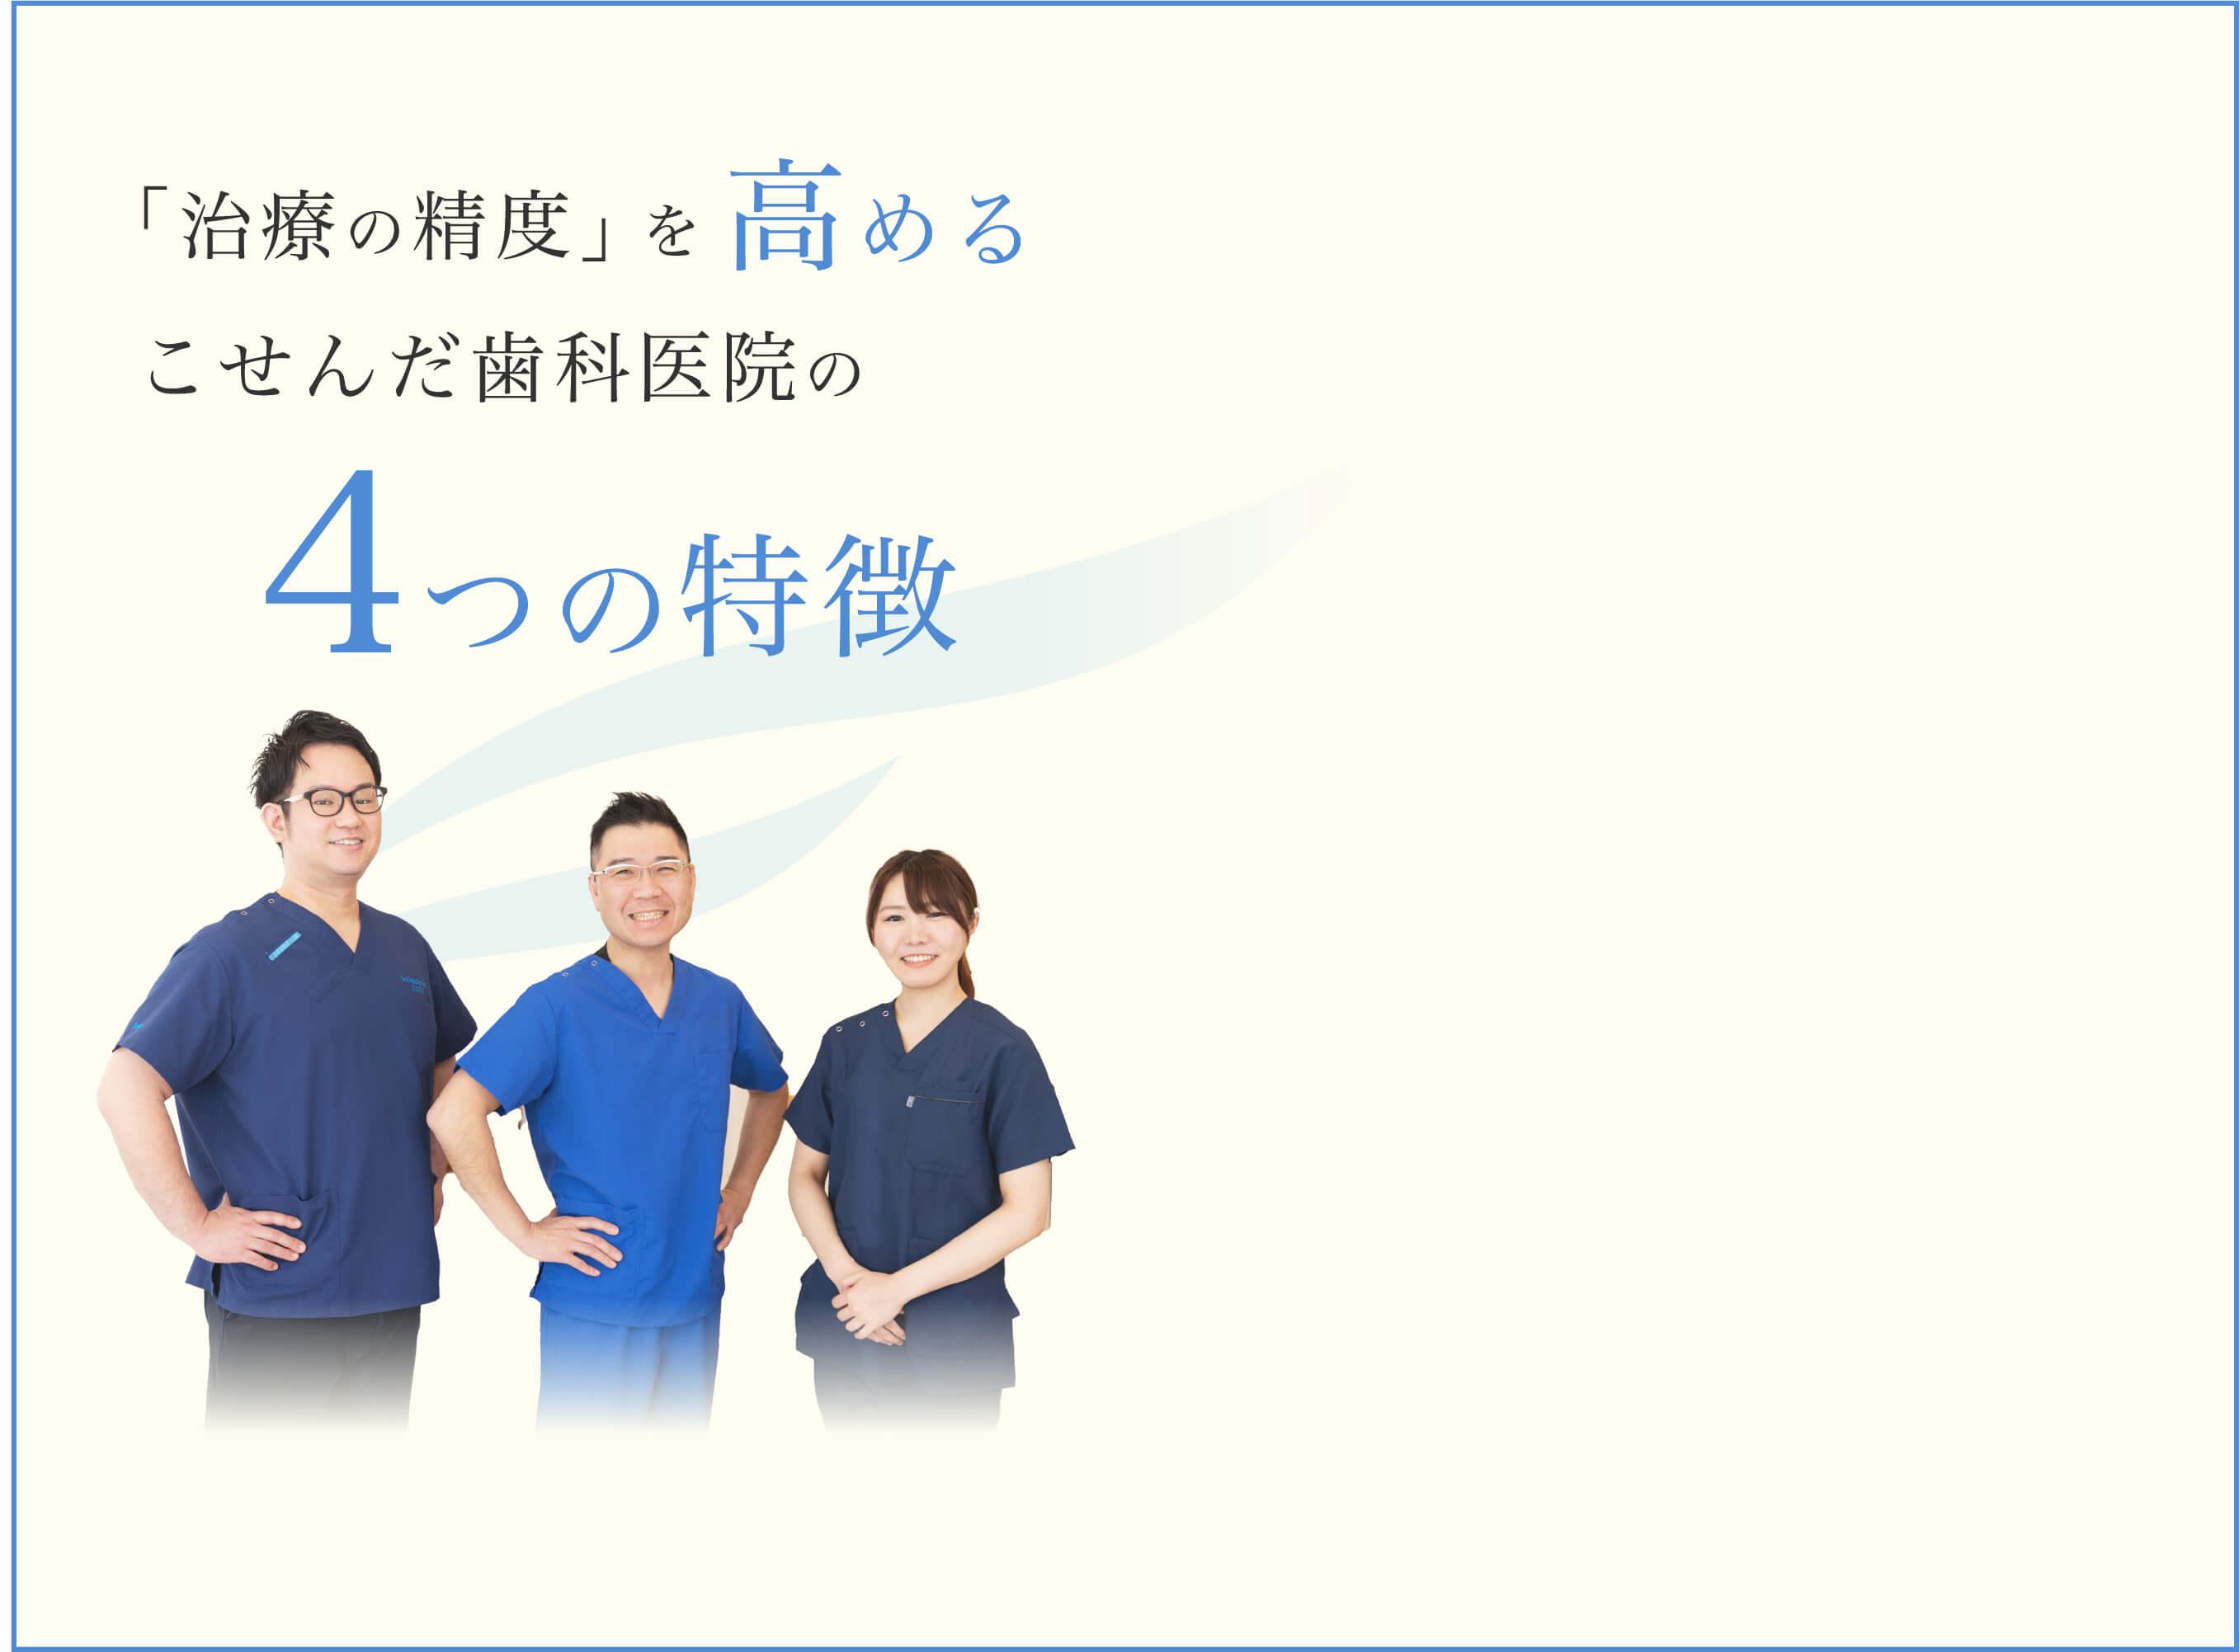 「治療の精度」を高める こせんだ歯科医院の4つの特徴